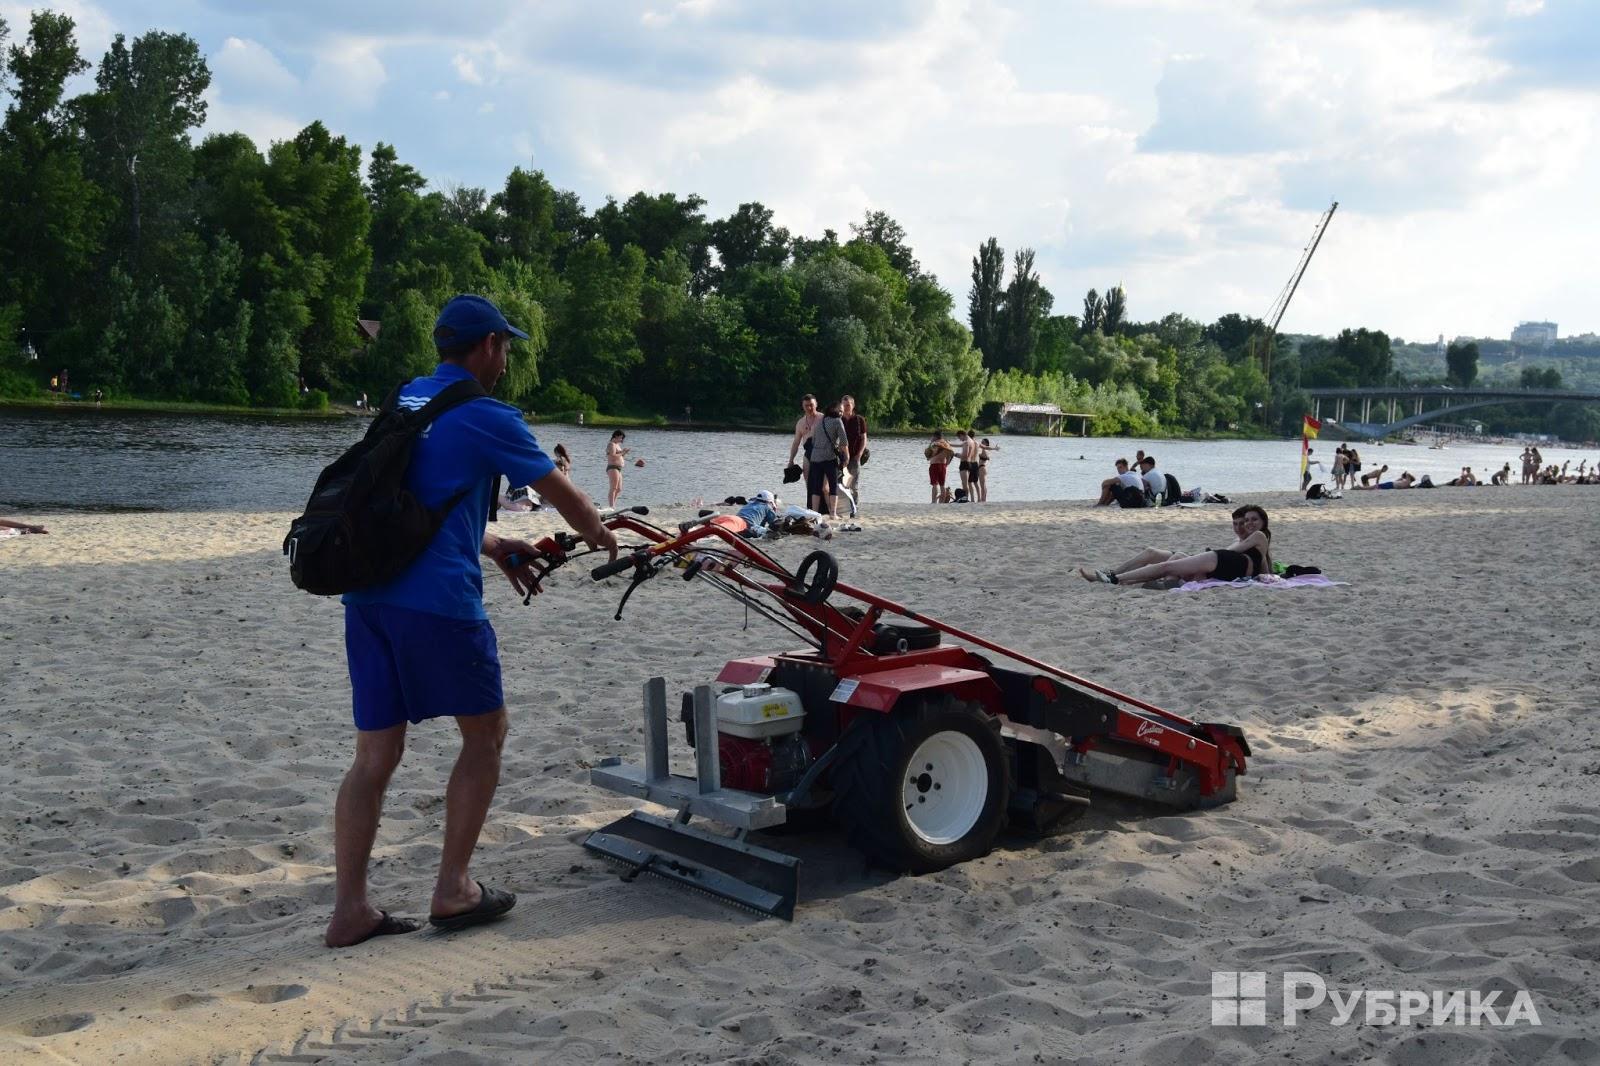 В Киеве появился автомобиль для очистки пляжей — такой есть только у нас и в Лос-Анджелесе